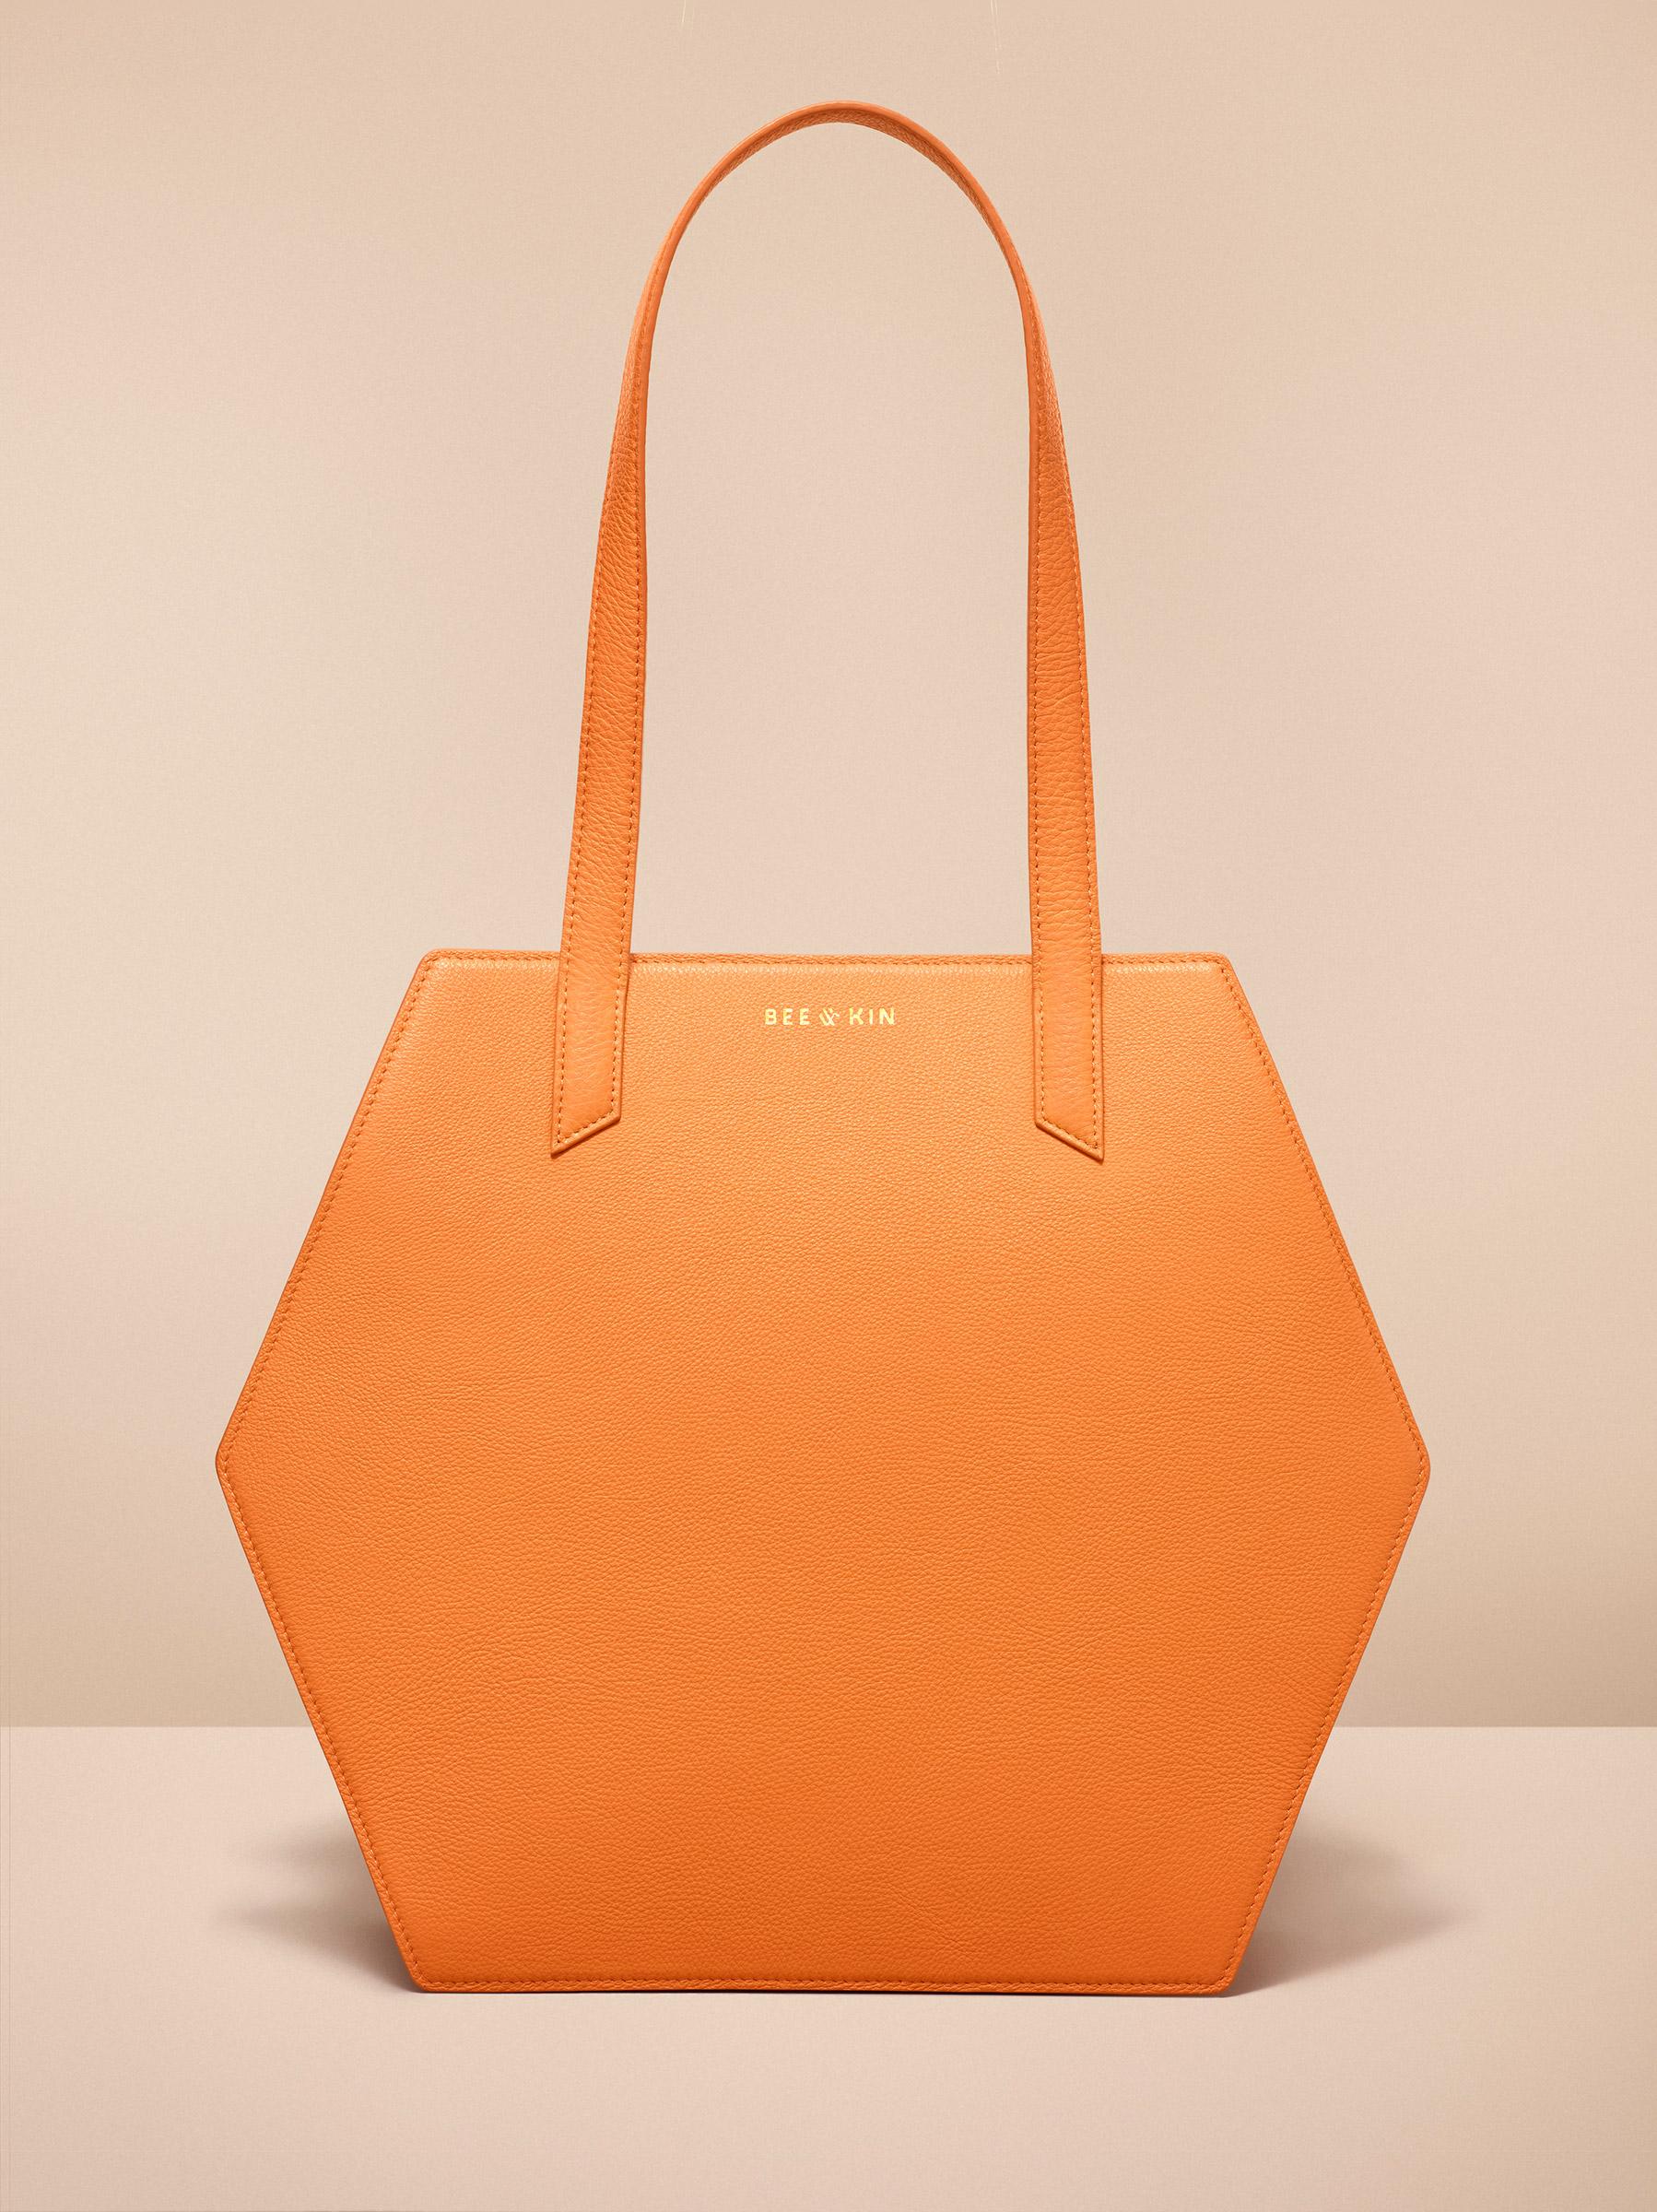 Bee Kin Tech Handbags Best